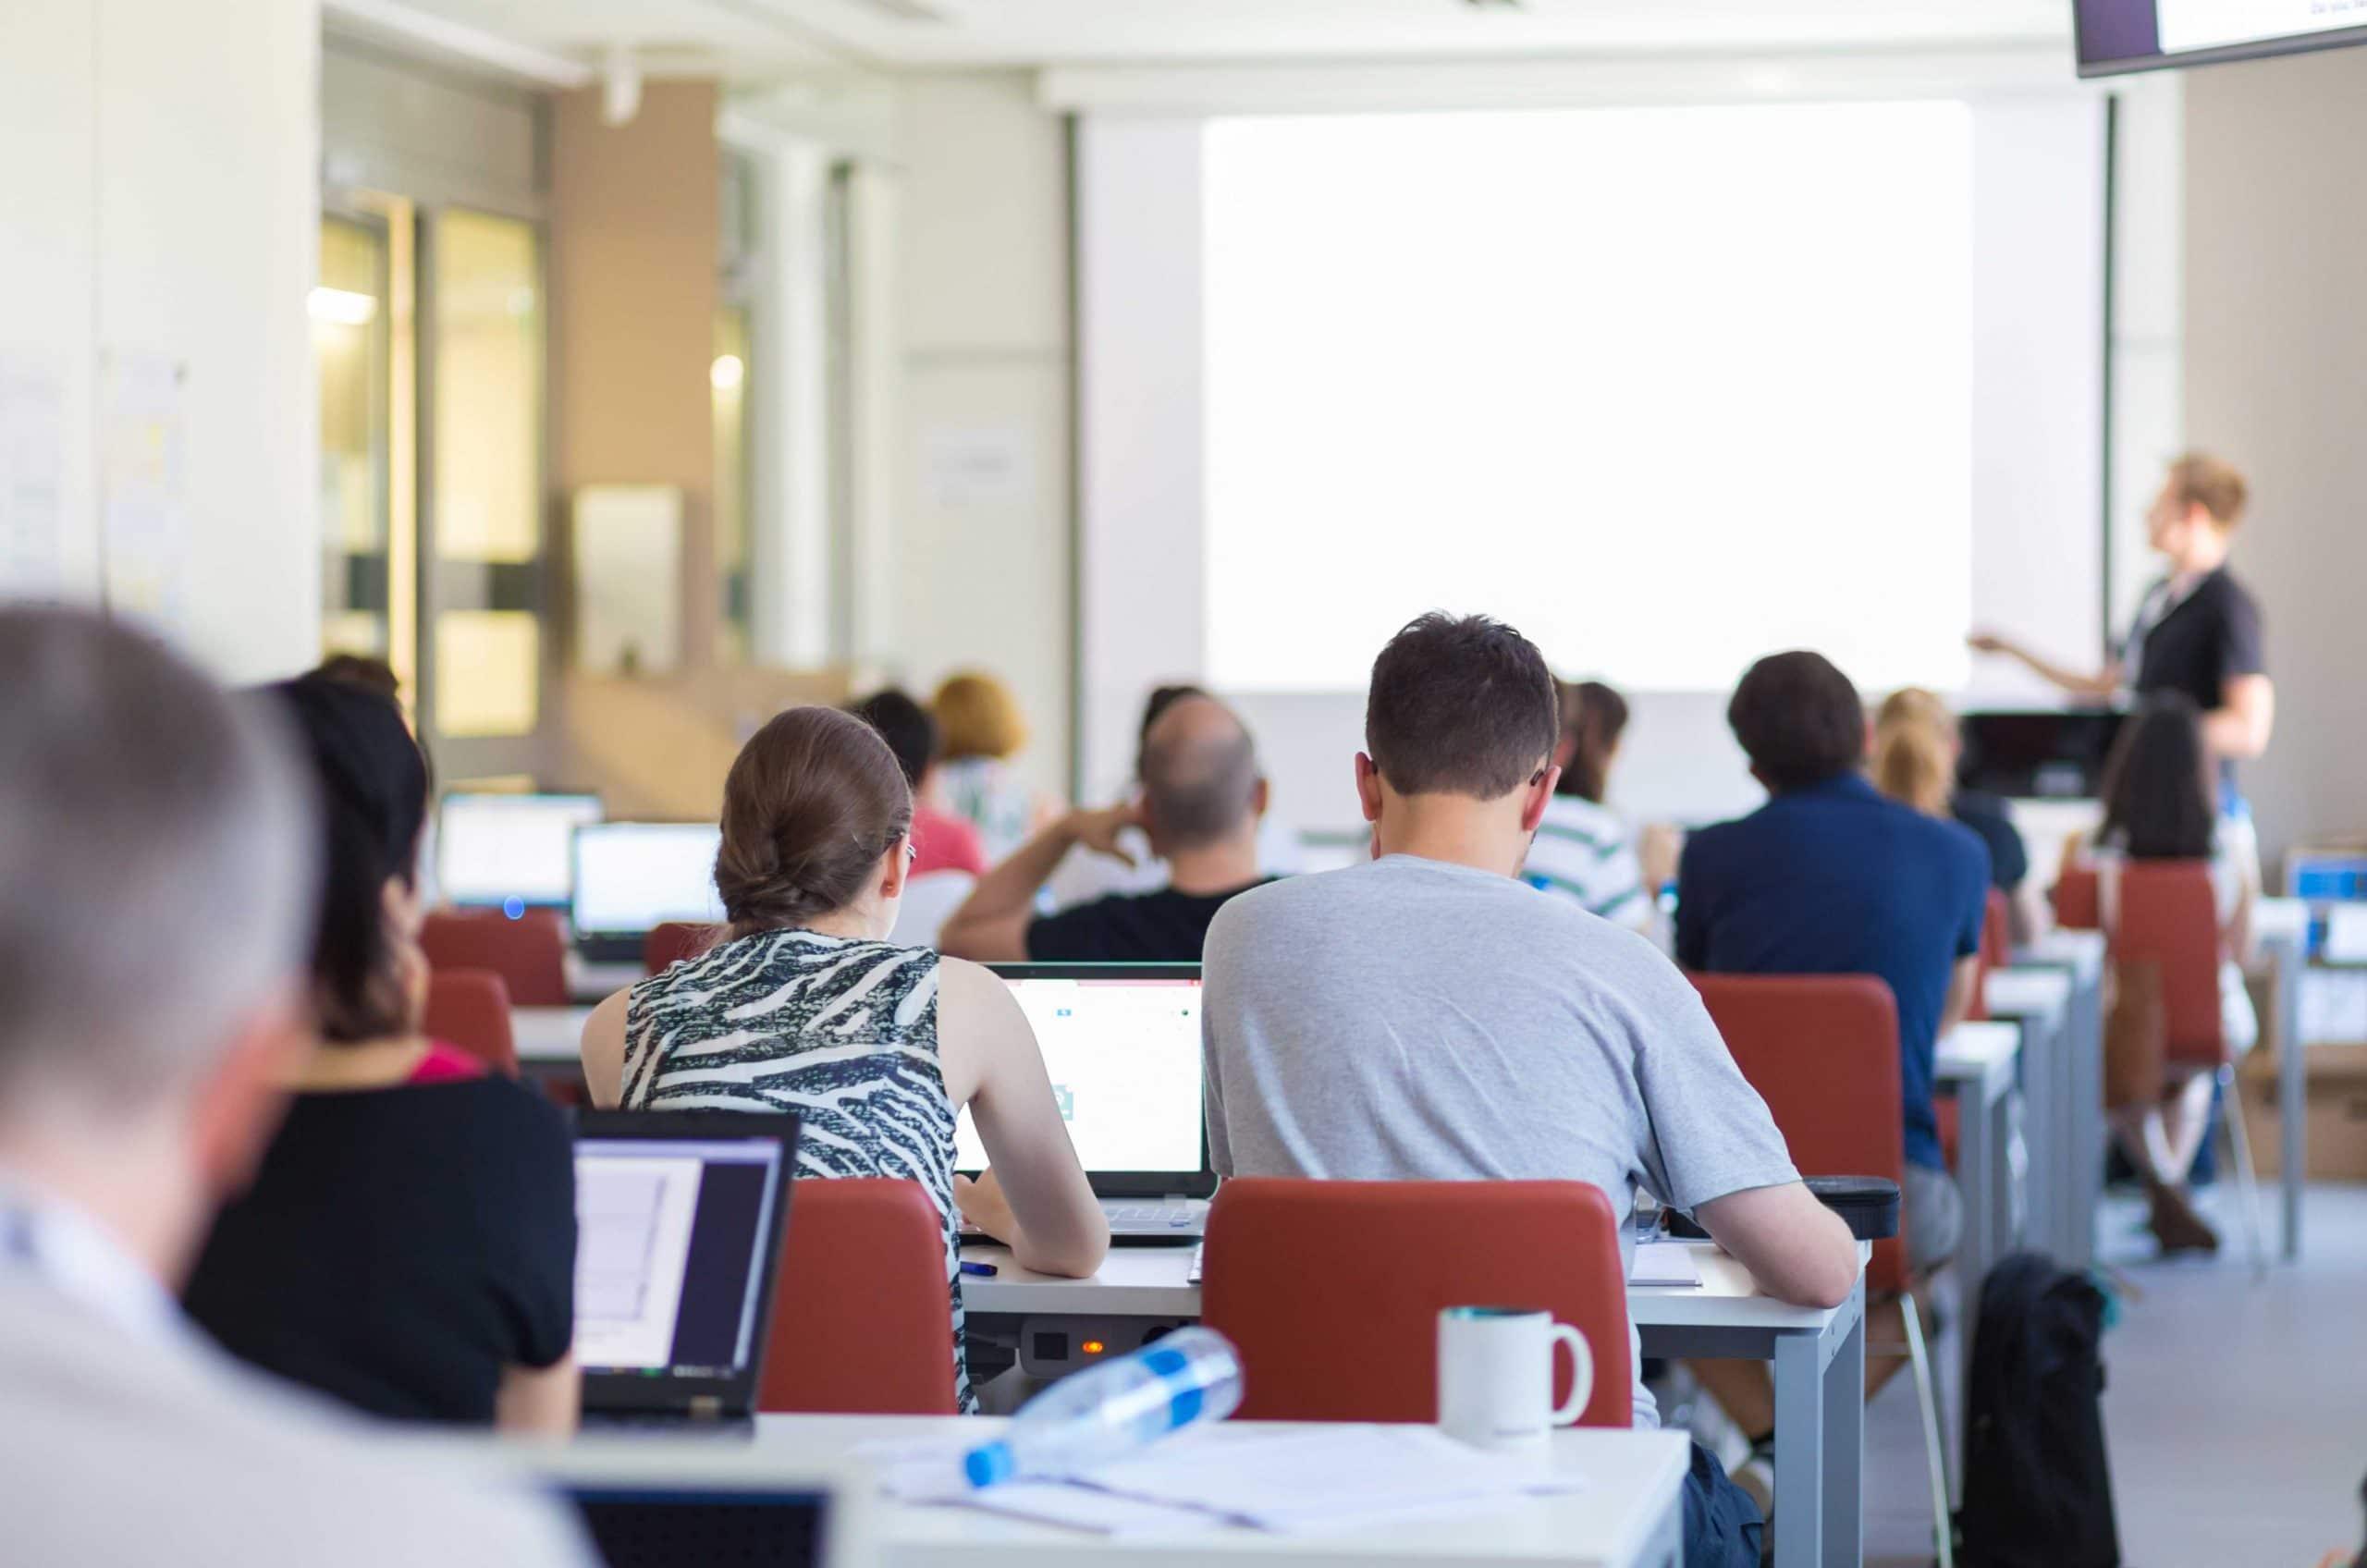 I corsi di informatica per le aziende sono inutili? Solo per chi non ha mai svolto quelli ben fatti